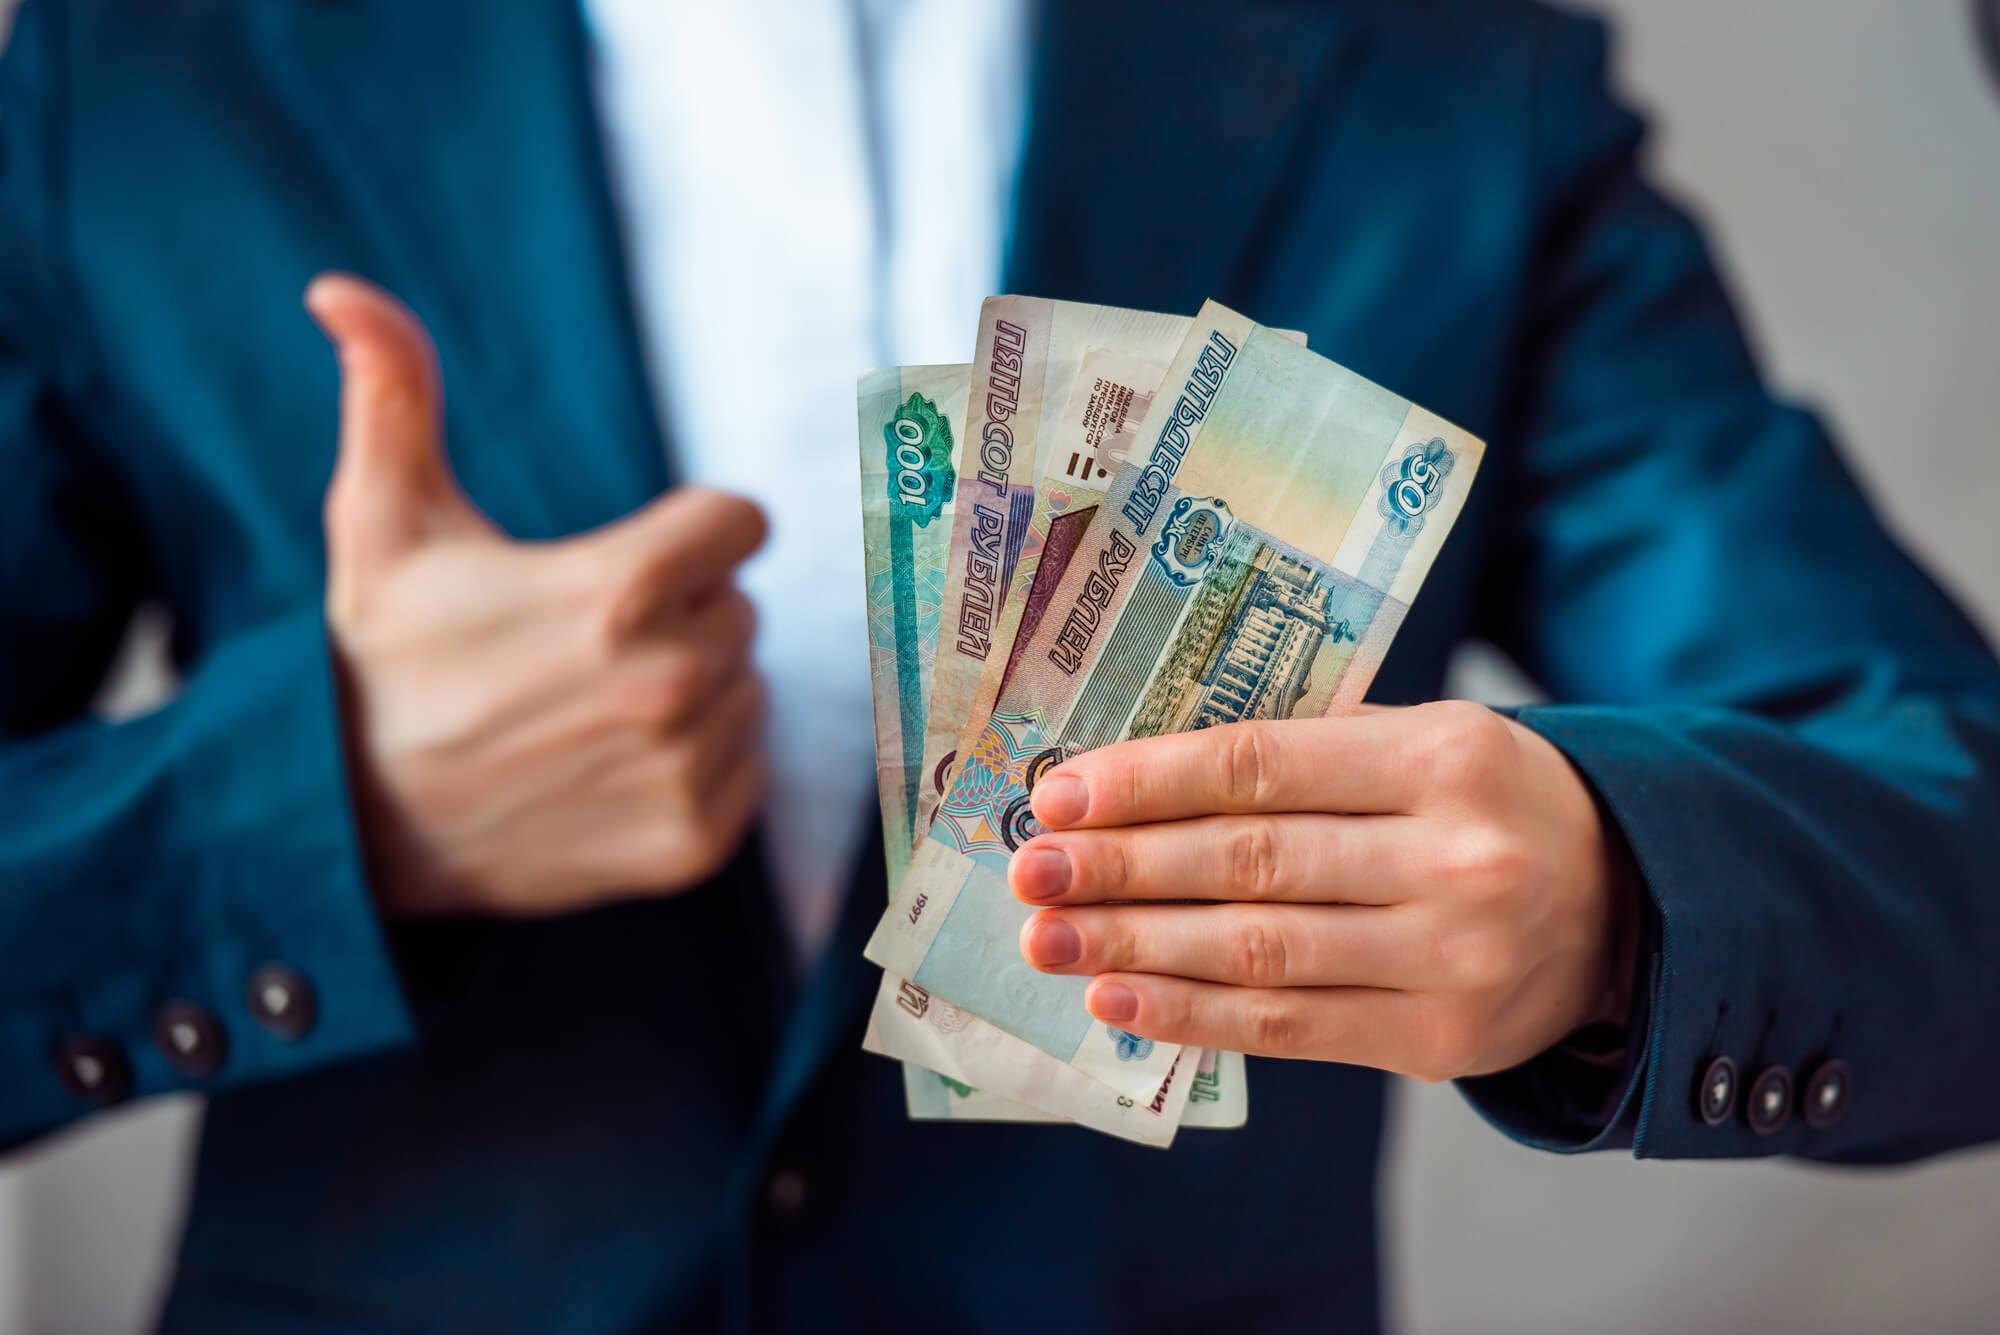 Сколько зарабатывать, чтобы быть счастливым: россияне дали ответ на это вопрос